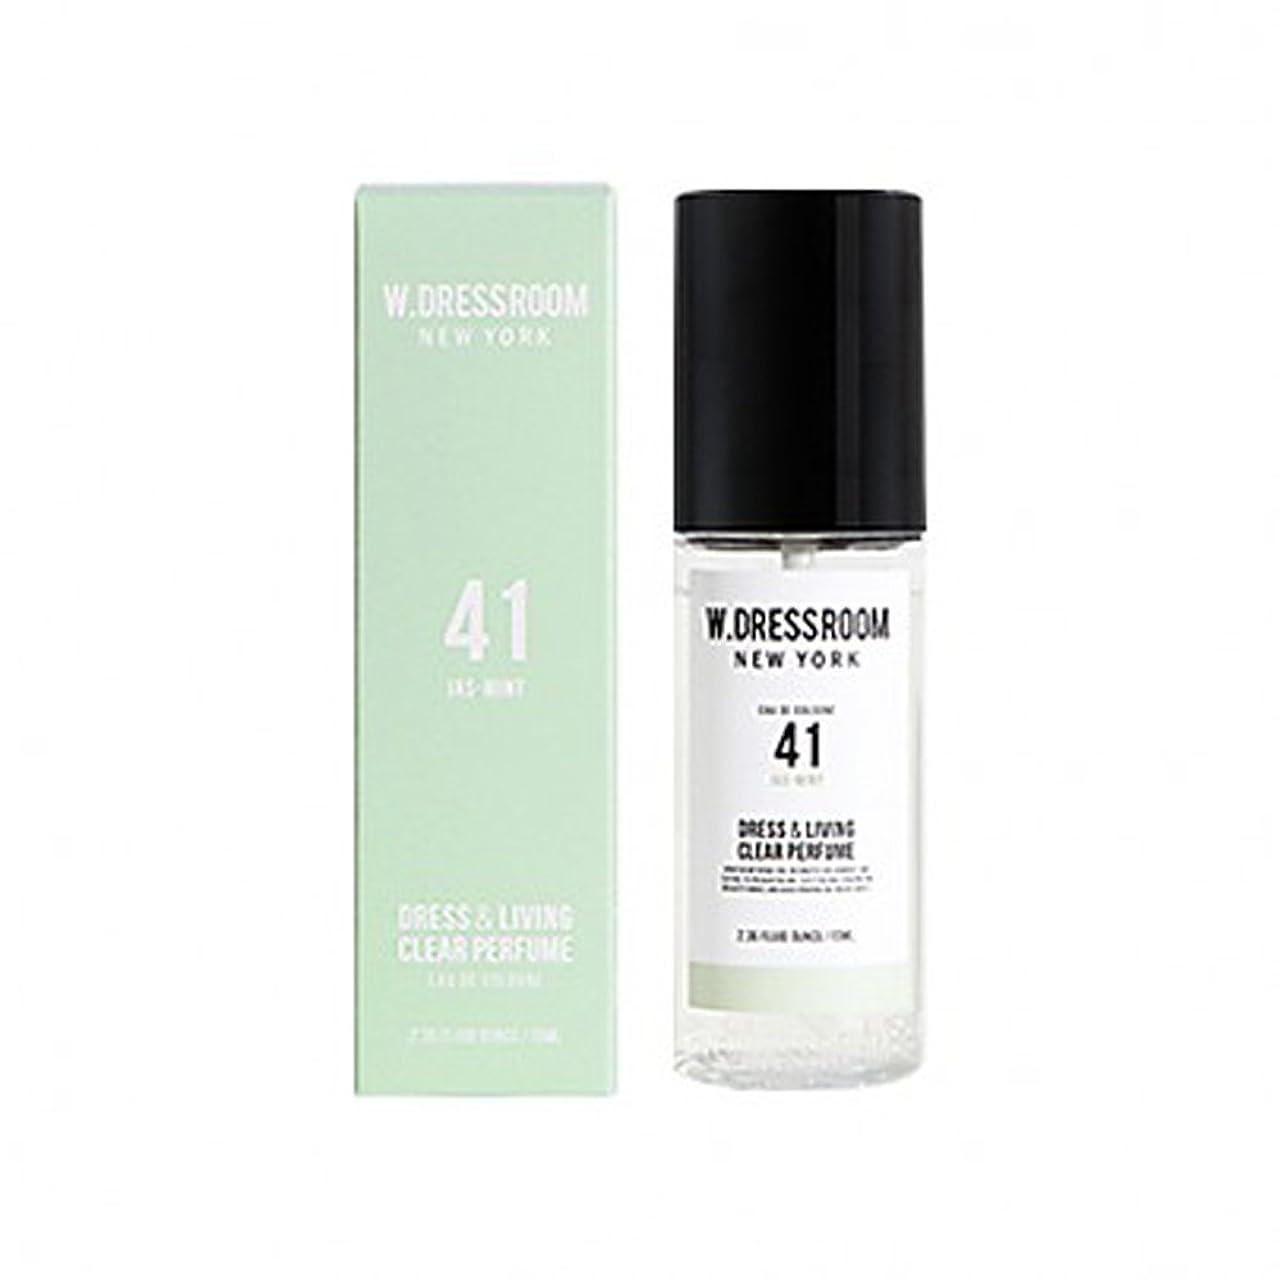 群れほんの熱狂的なW.DRESSROOM Dress & Living Clear Perfume fragrance 70ml (#No.41 Jas-Mint)/ダブルドレスルーム ドレス&リビング クリア パフューム 70ml (#No.41 Jas-Mint)